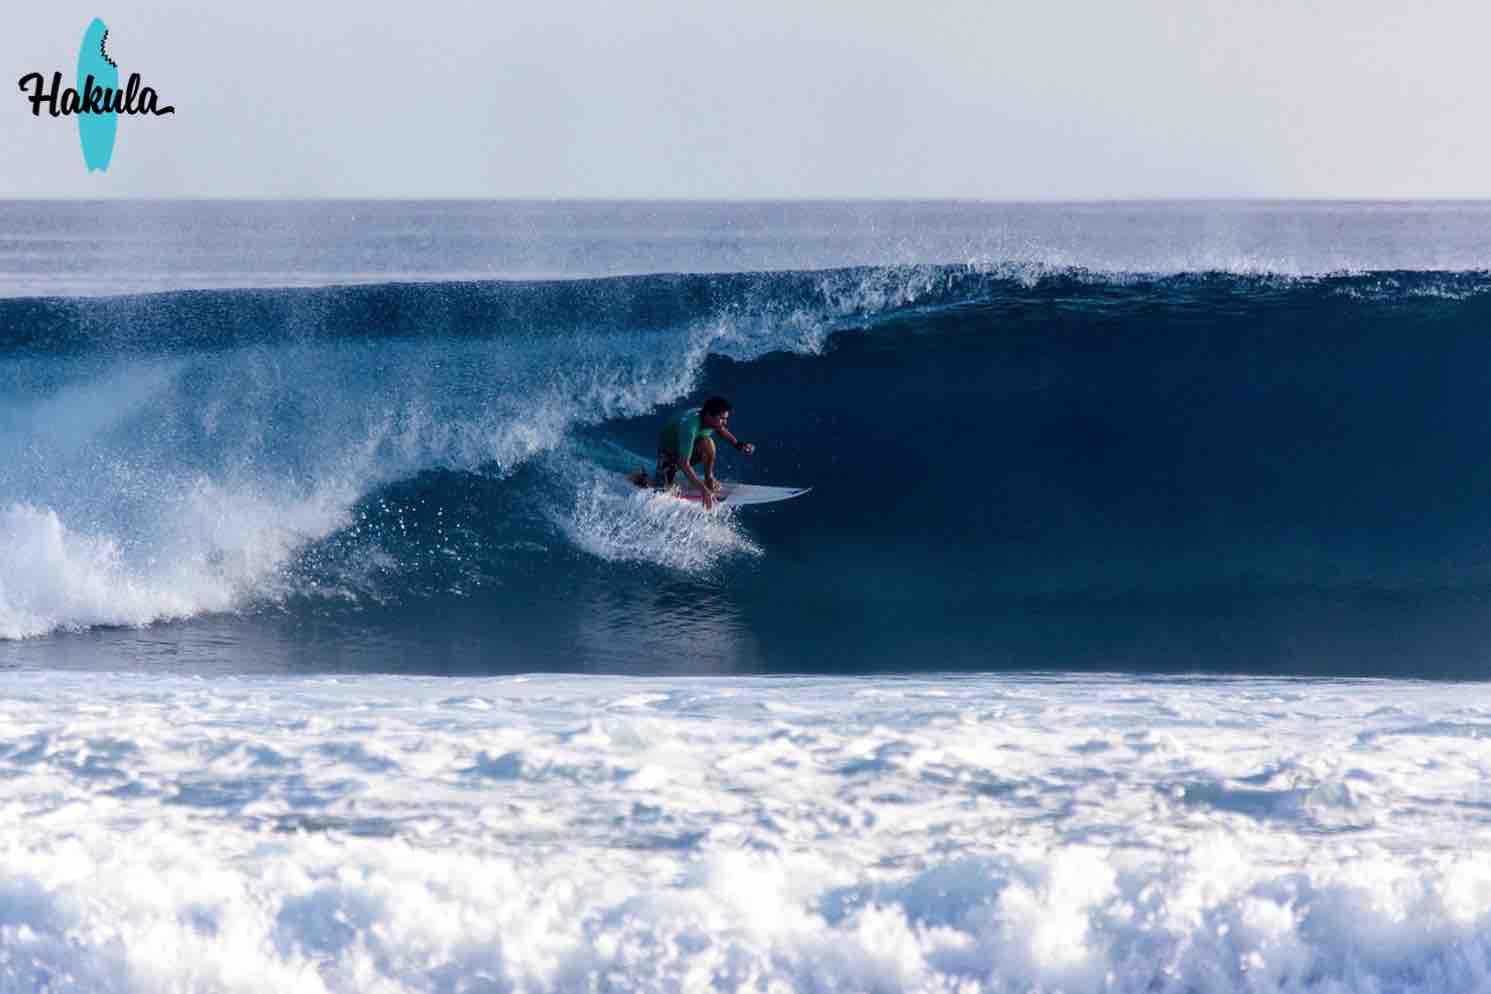 серфинг на большой волне